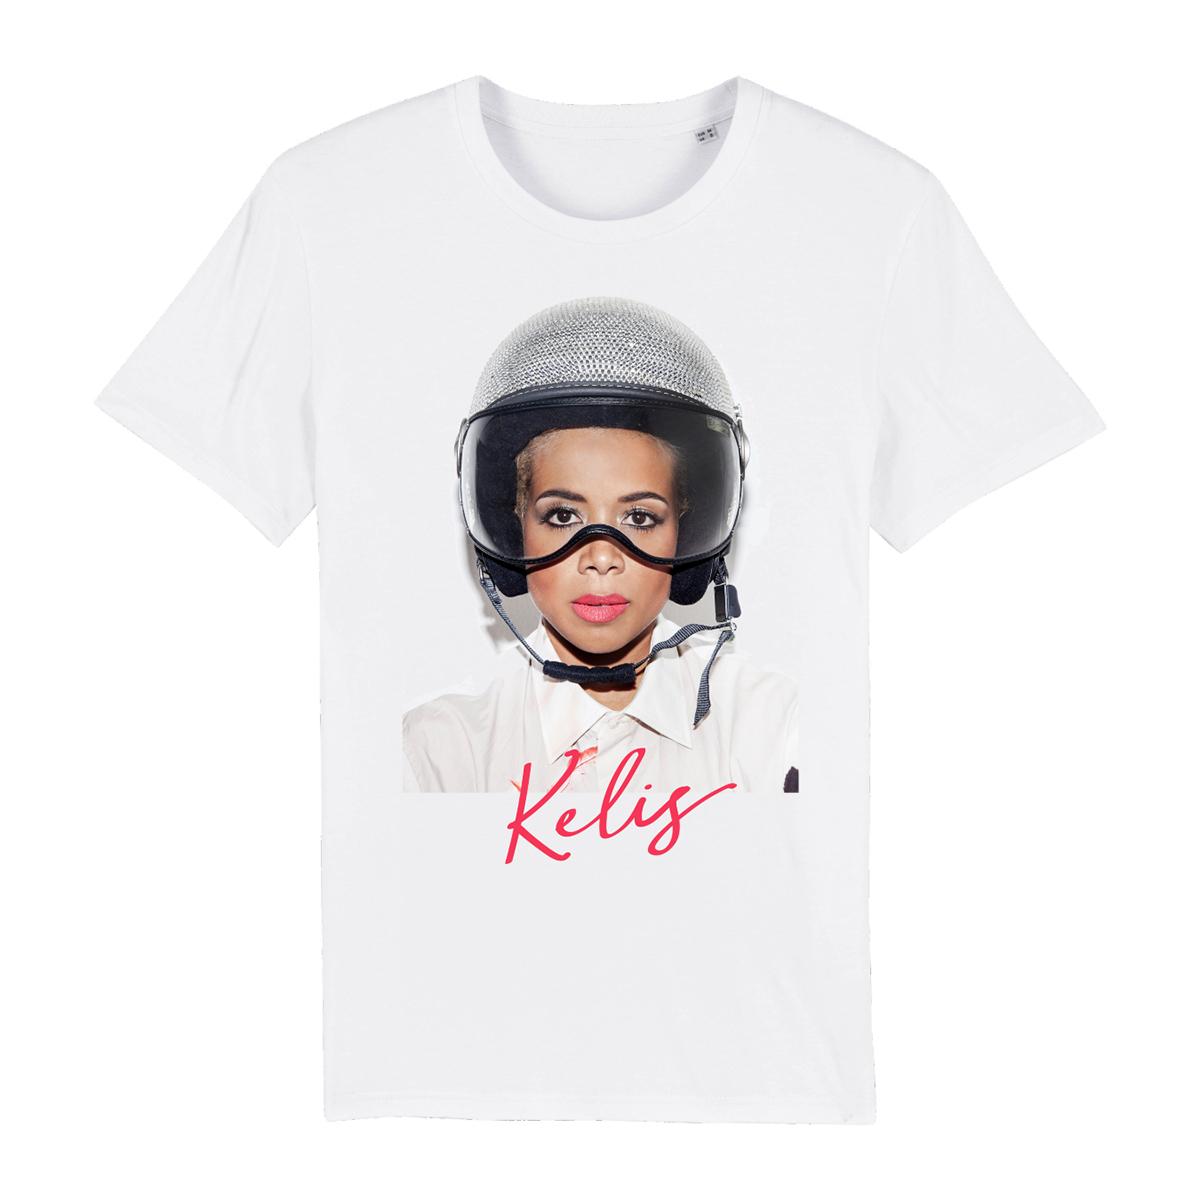 Helmet Unisex T-shirt